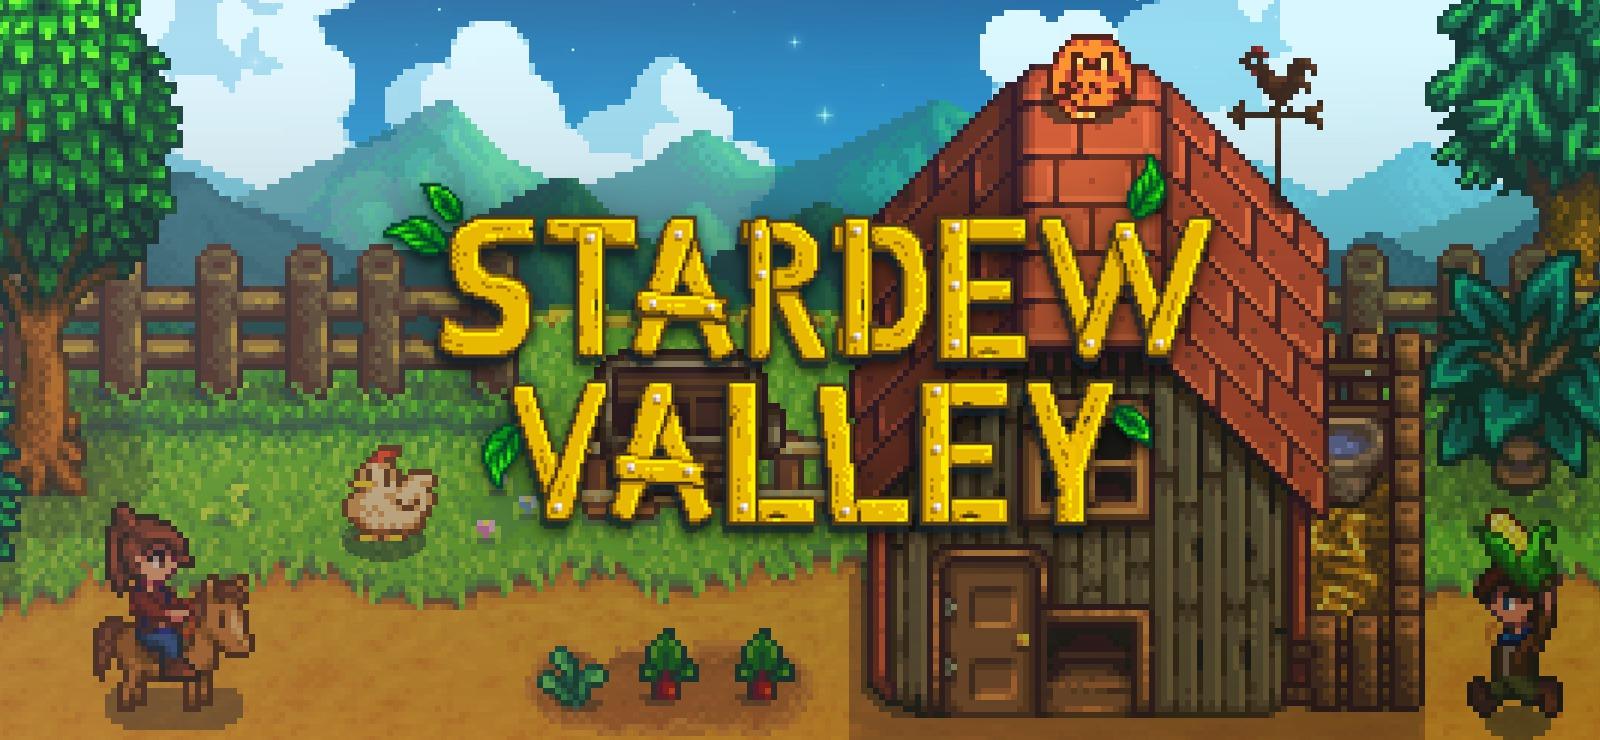 Stardew Valley foi o jogo mais baixado na eShop em 2017